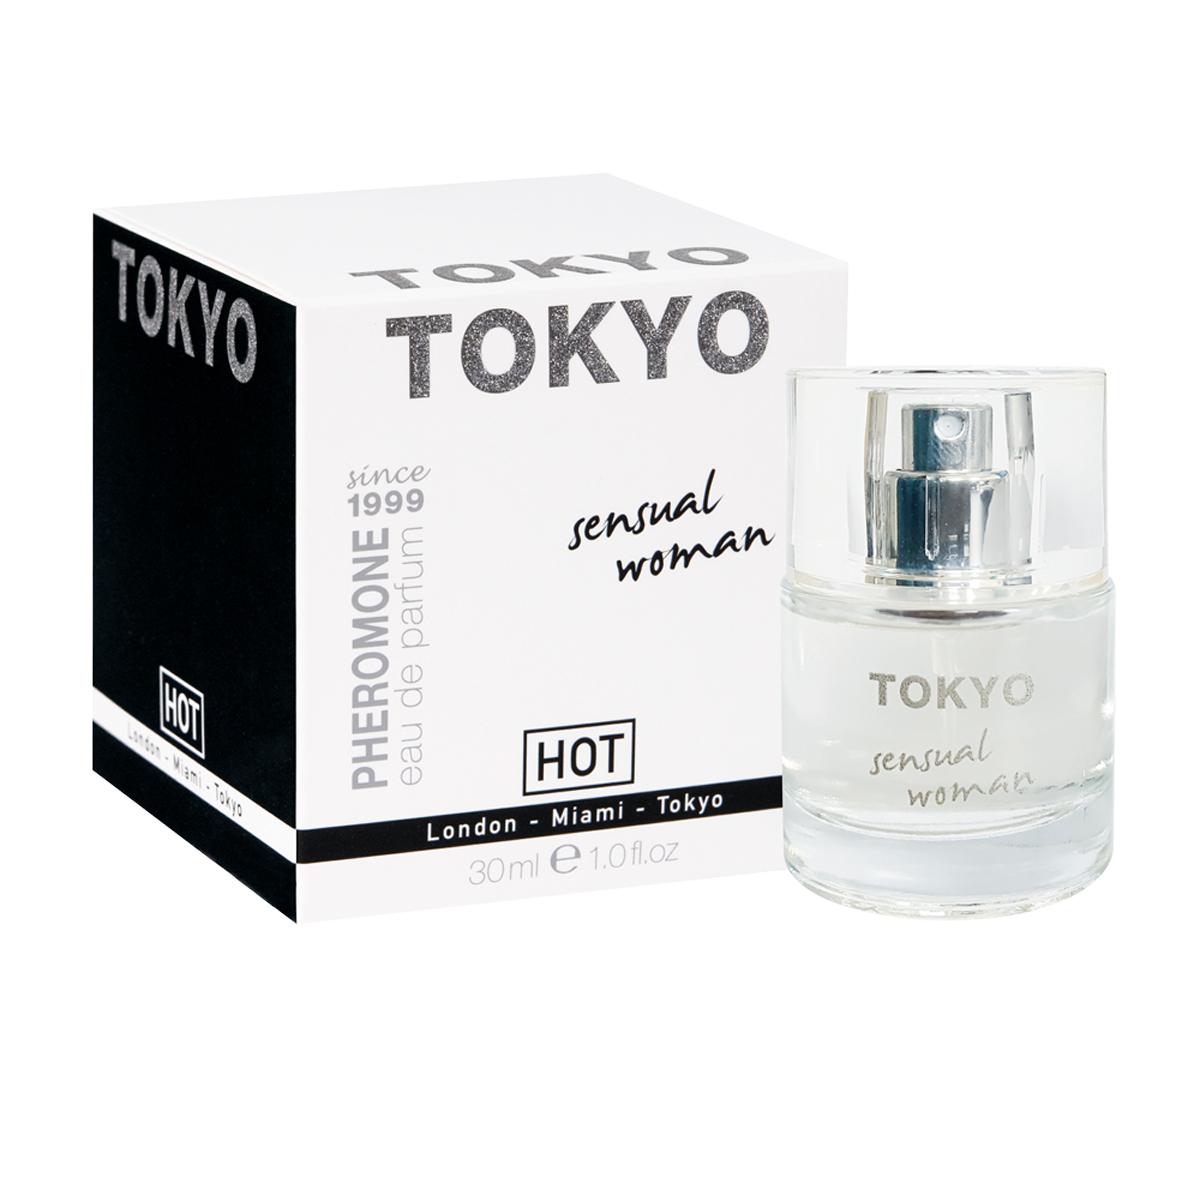 Hot Женские духи с феромонами Tokyo sensual, 30 млперфорационные unisexБазовые ноты креативного и динамичного Токио - опопонакс и ветивер. Свежесть и легкость этого нон-стоп города дадут ощутить апельсин, мандарин и мимоза.